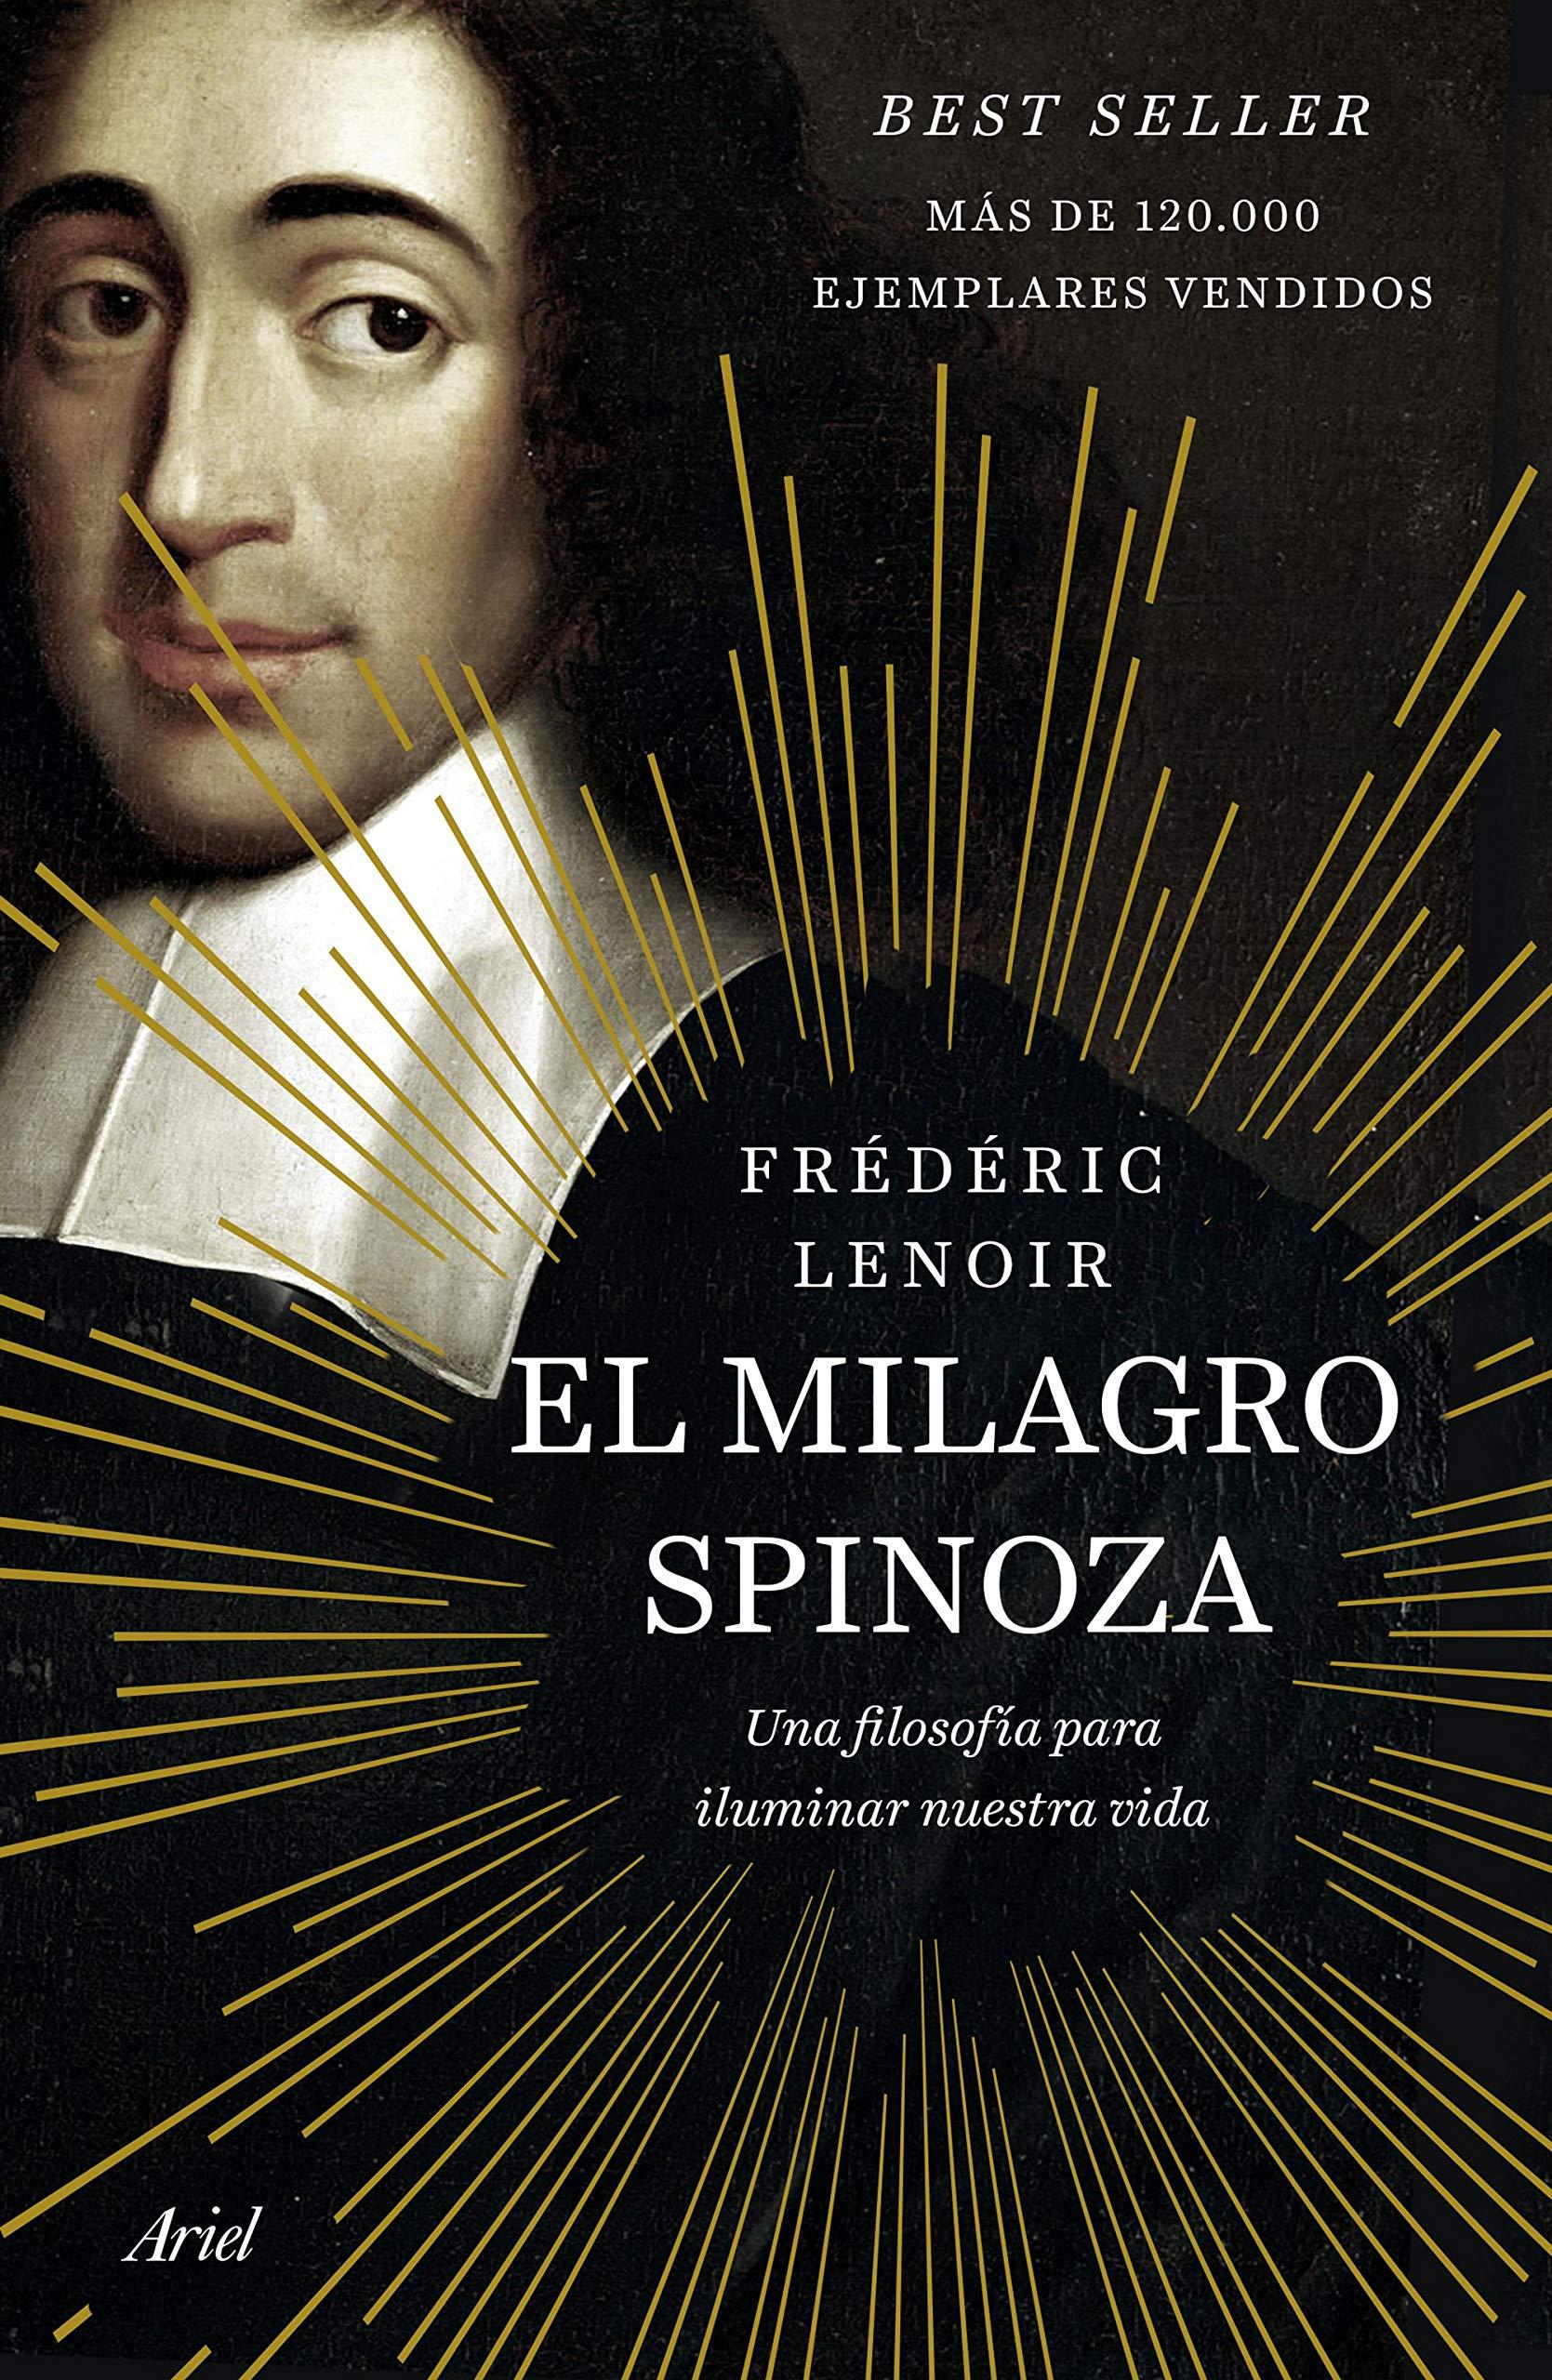 El milagro Spinoza: Una filosofía para iluminar nuestra vida por Frédéric Lenoir